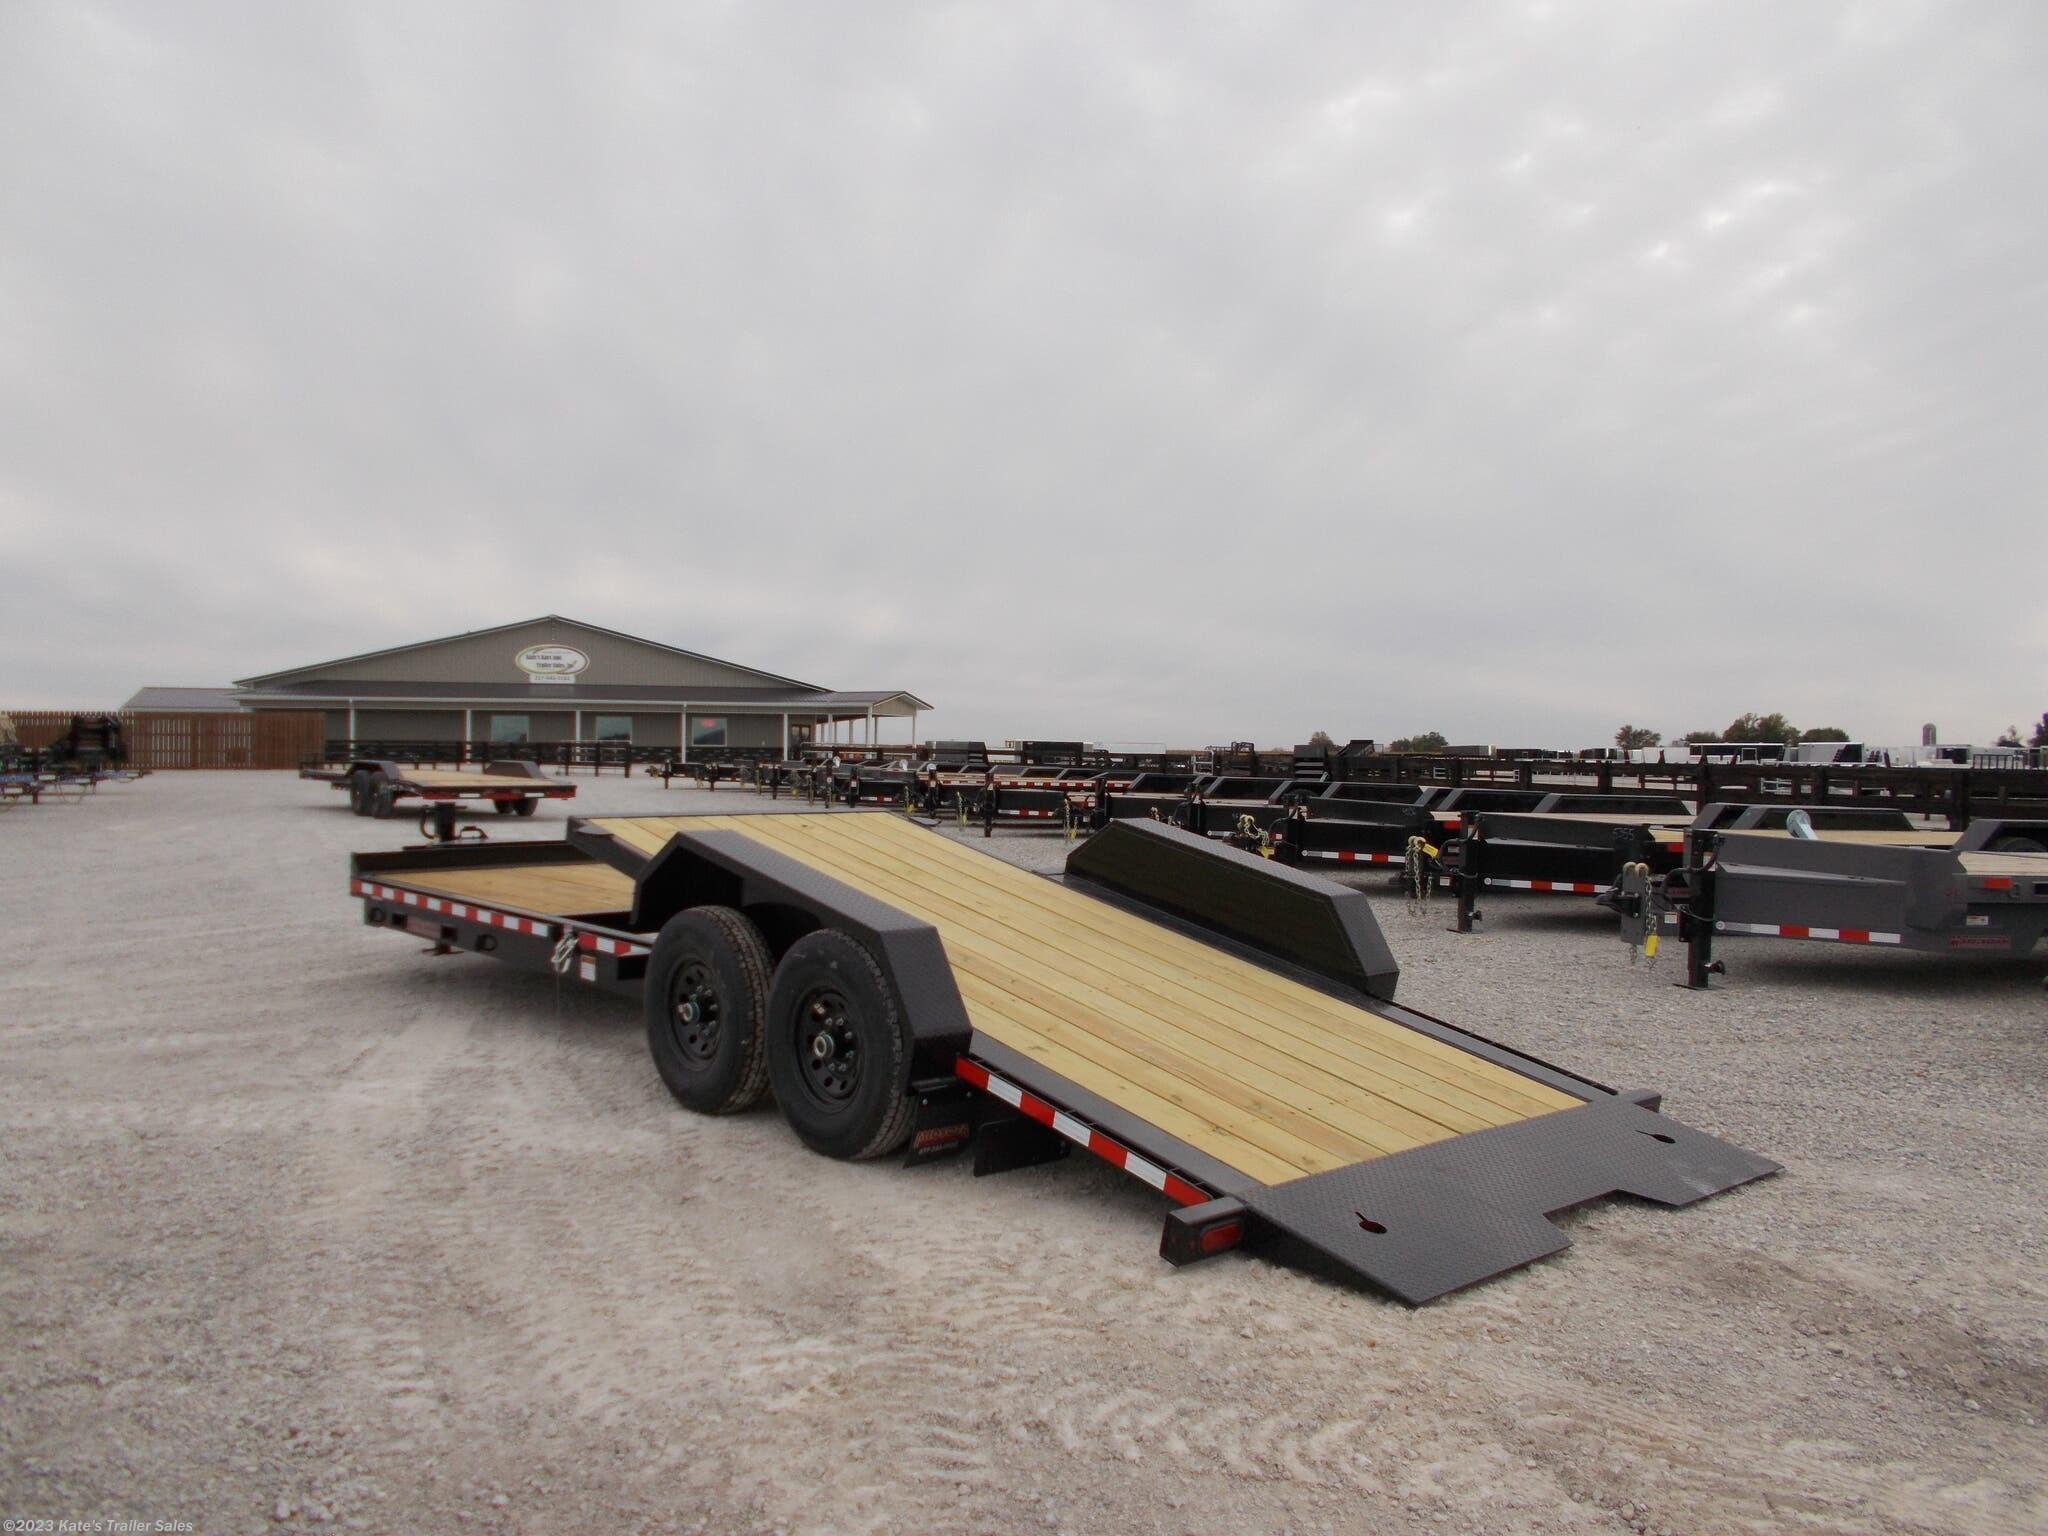 2021 Midsota 24' Tilt Equipment Trailer 15.4K GVWR - Stock #6092